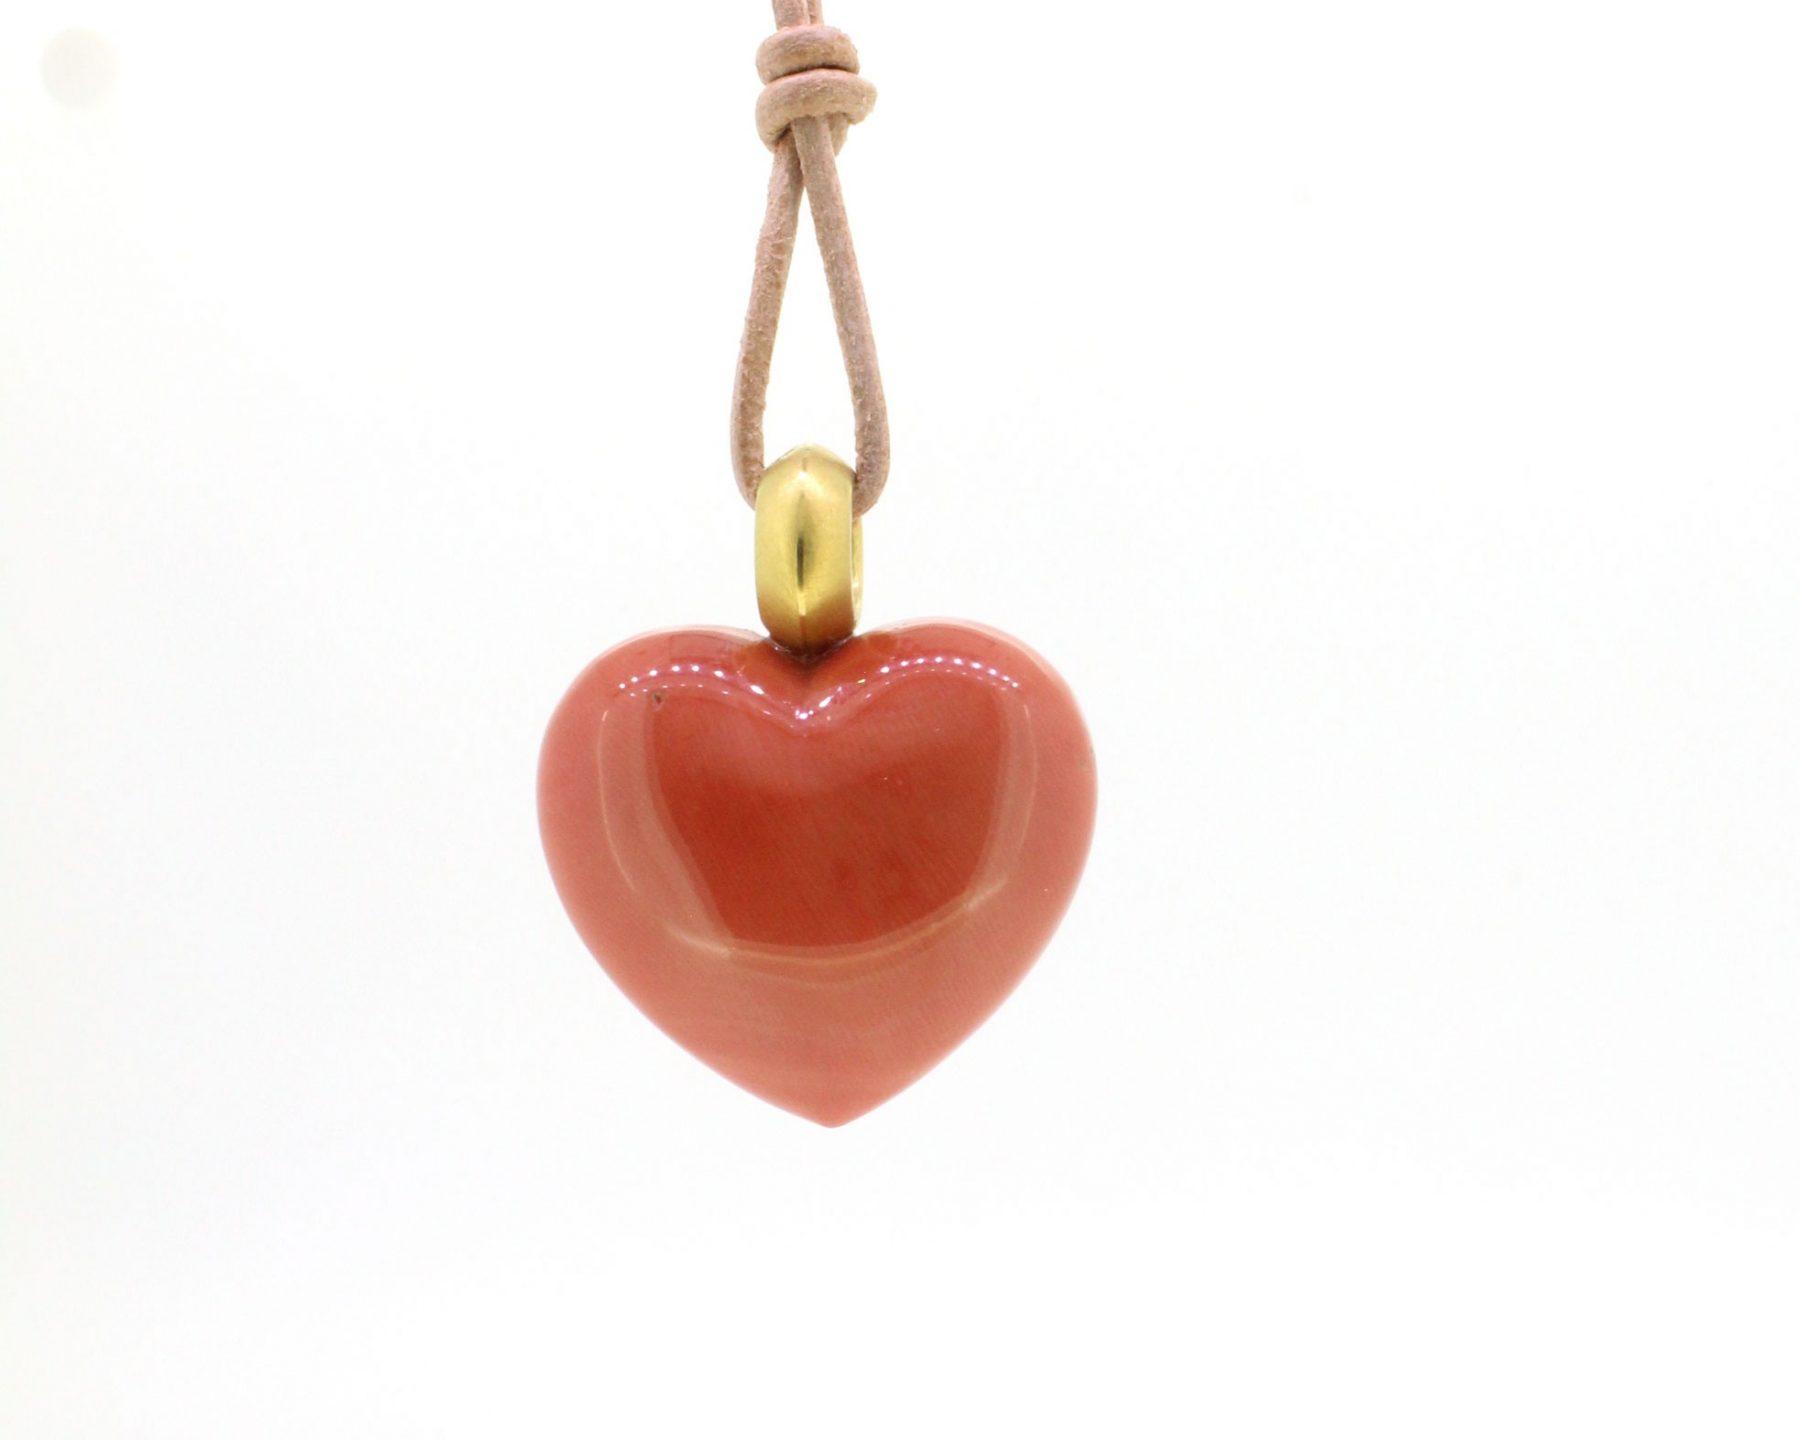 Anhänger Herz 900 Gelbgold - Individuelle Marken - 204dosc09-1